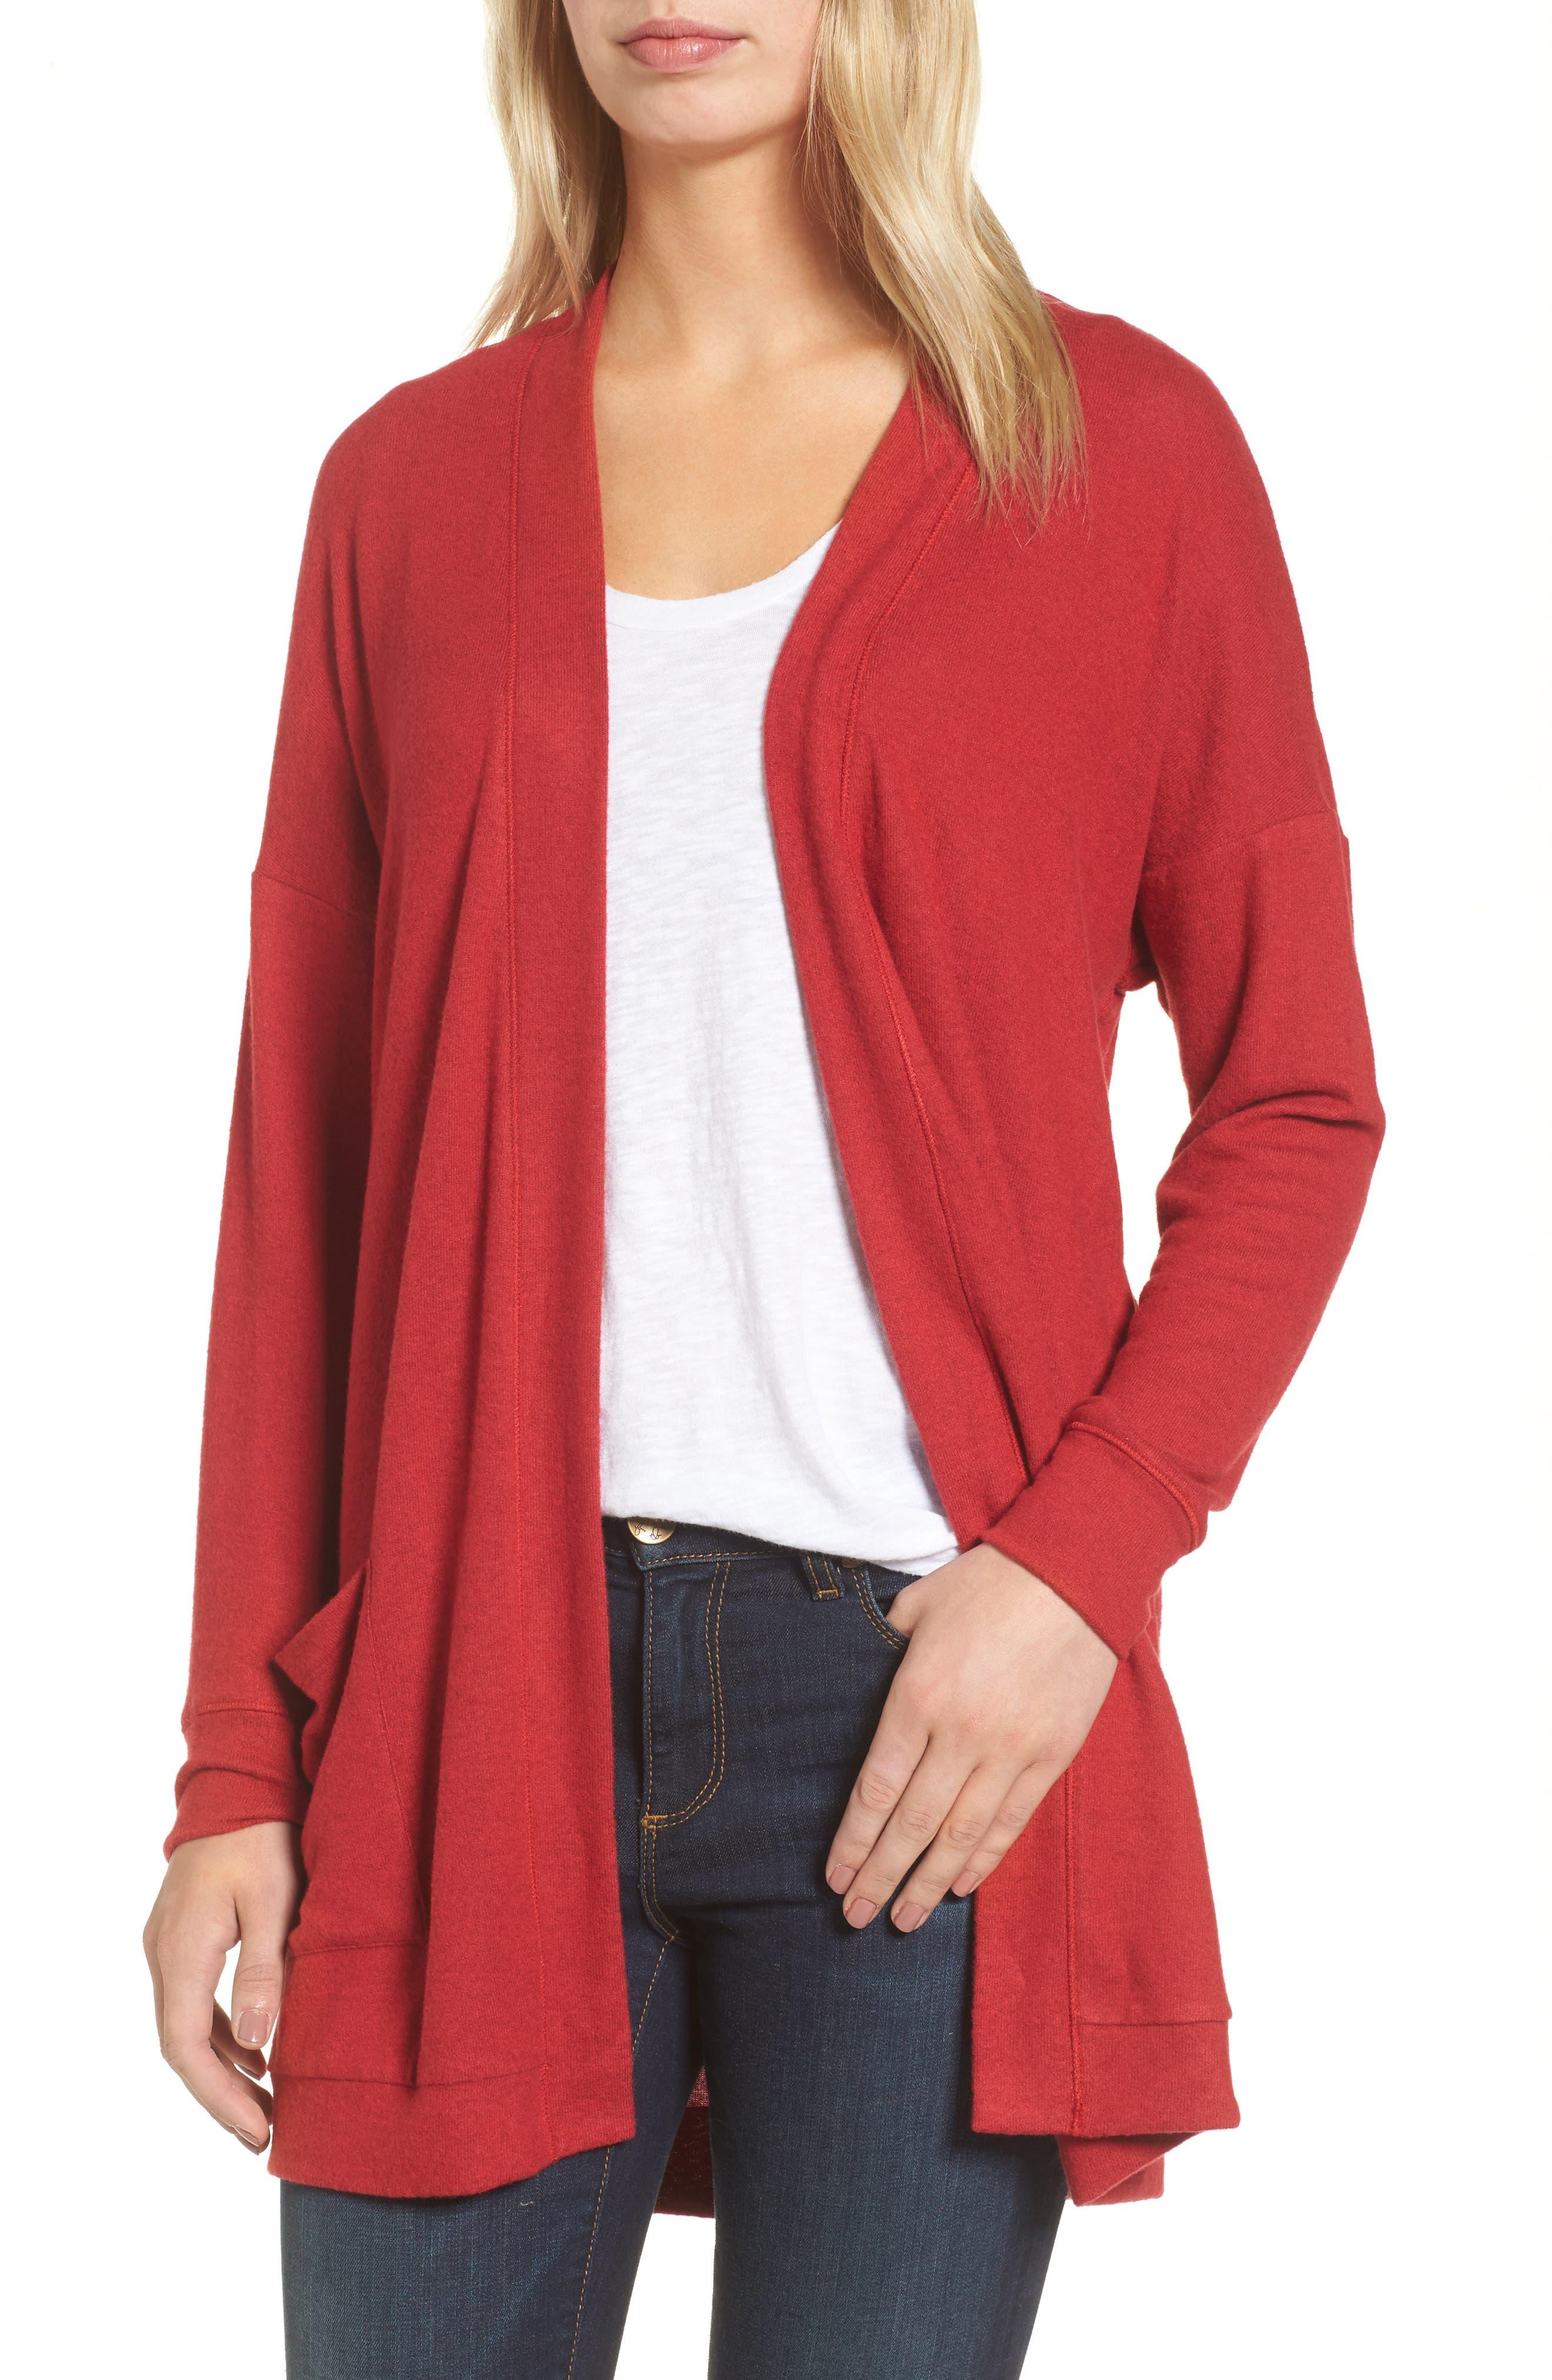 Women's Fleece Cardigan Sweaters | Nordstrom